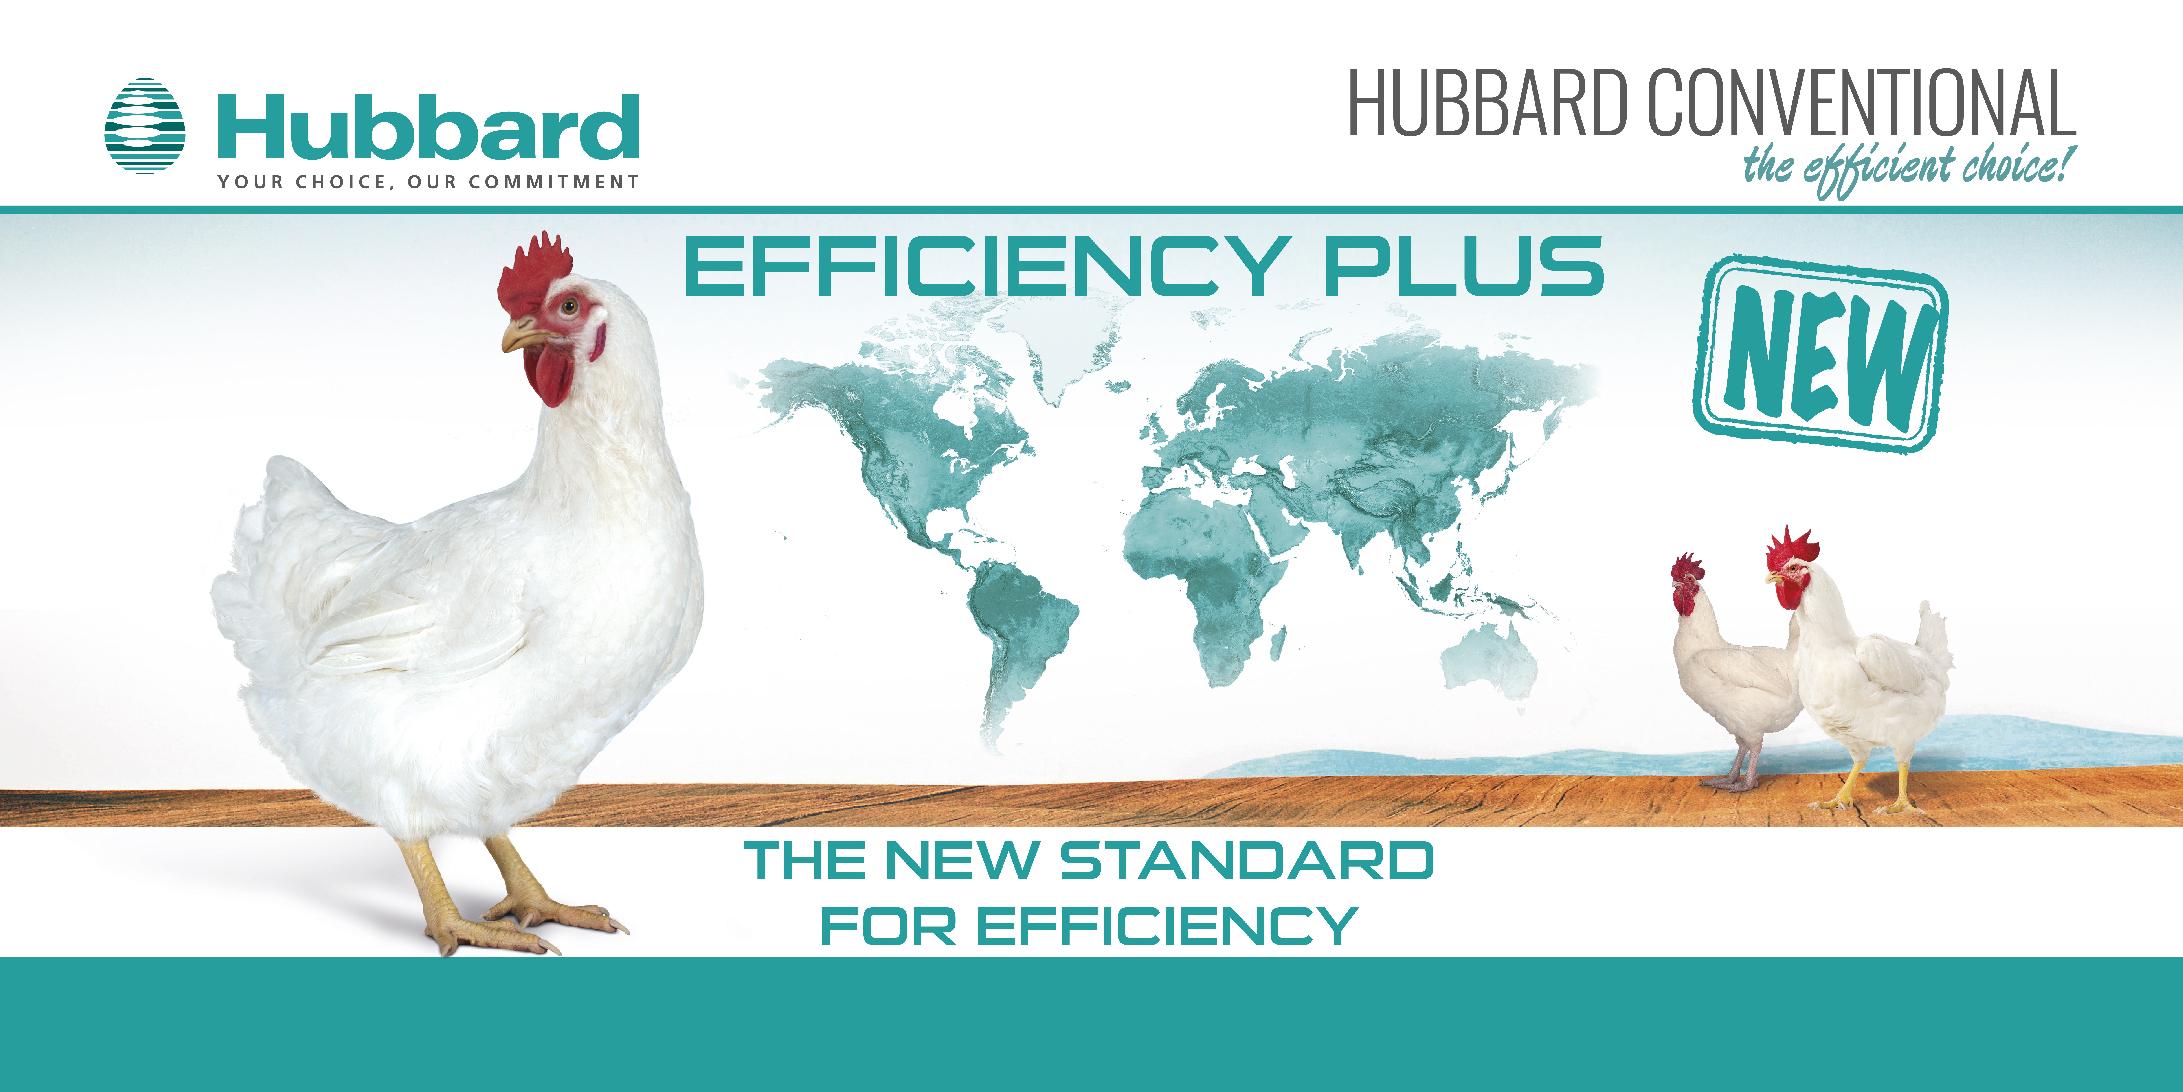 Hubbard - Homepage